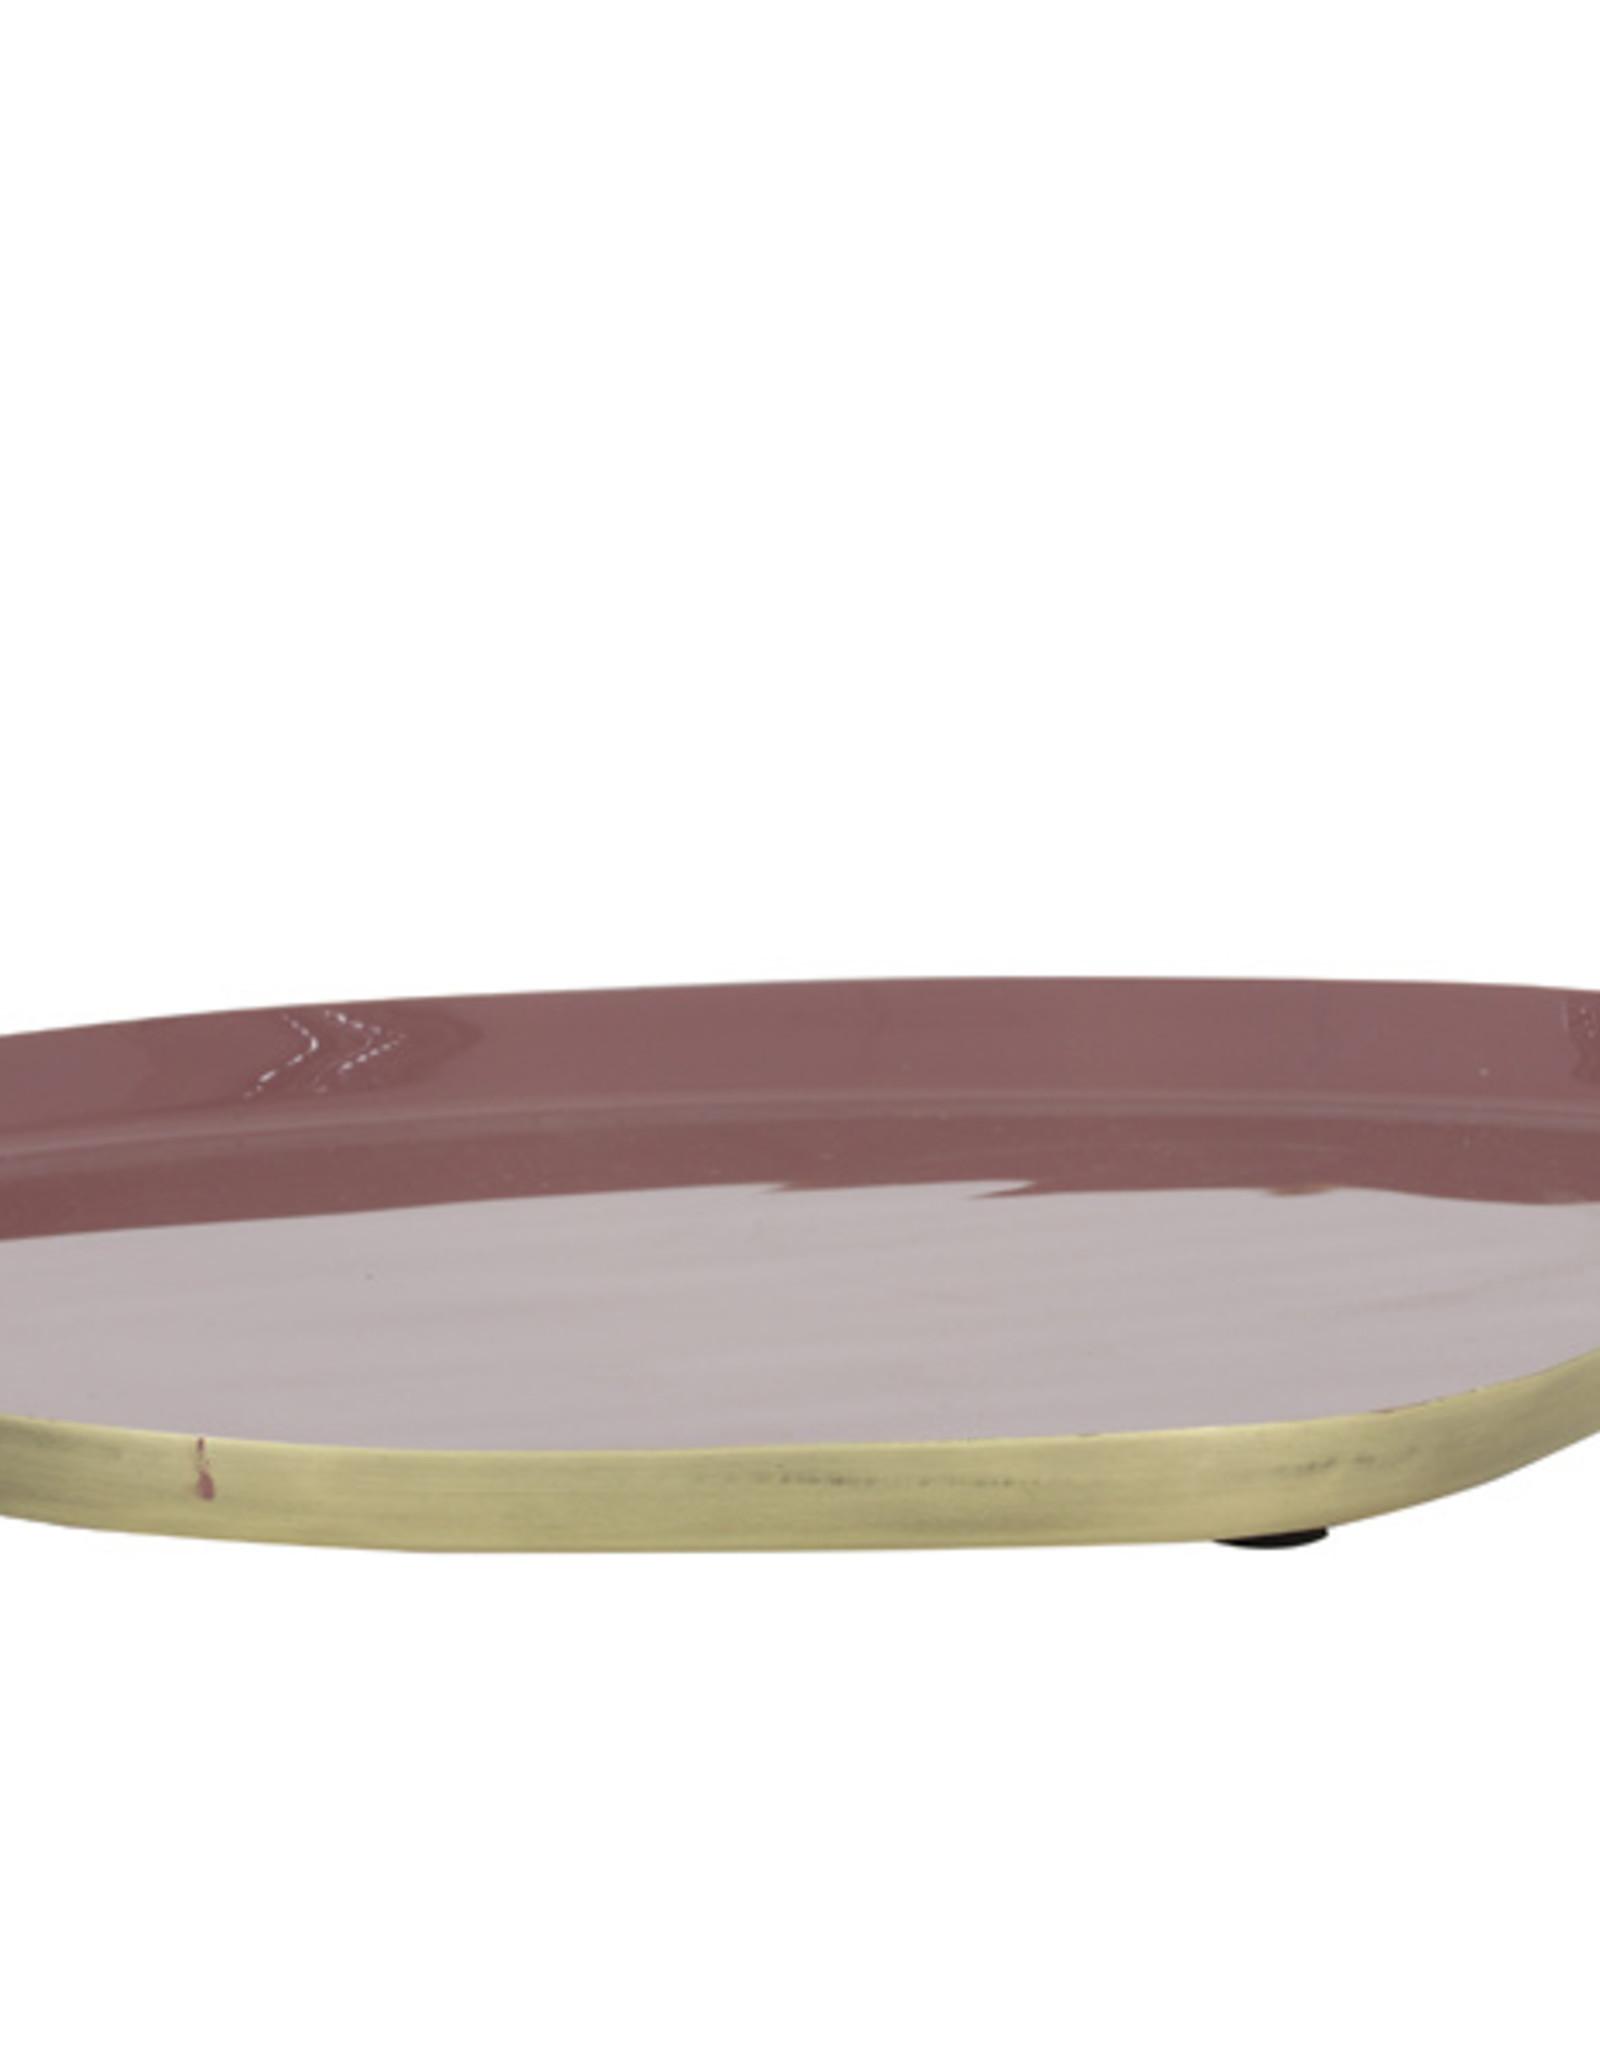 Light & Living Schaal 30x25 cm MOULET oud roze-antiek brons